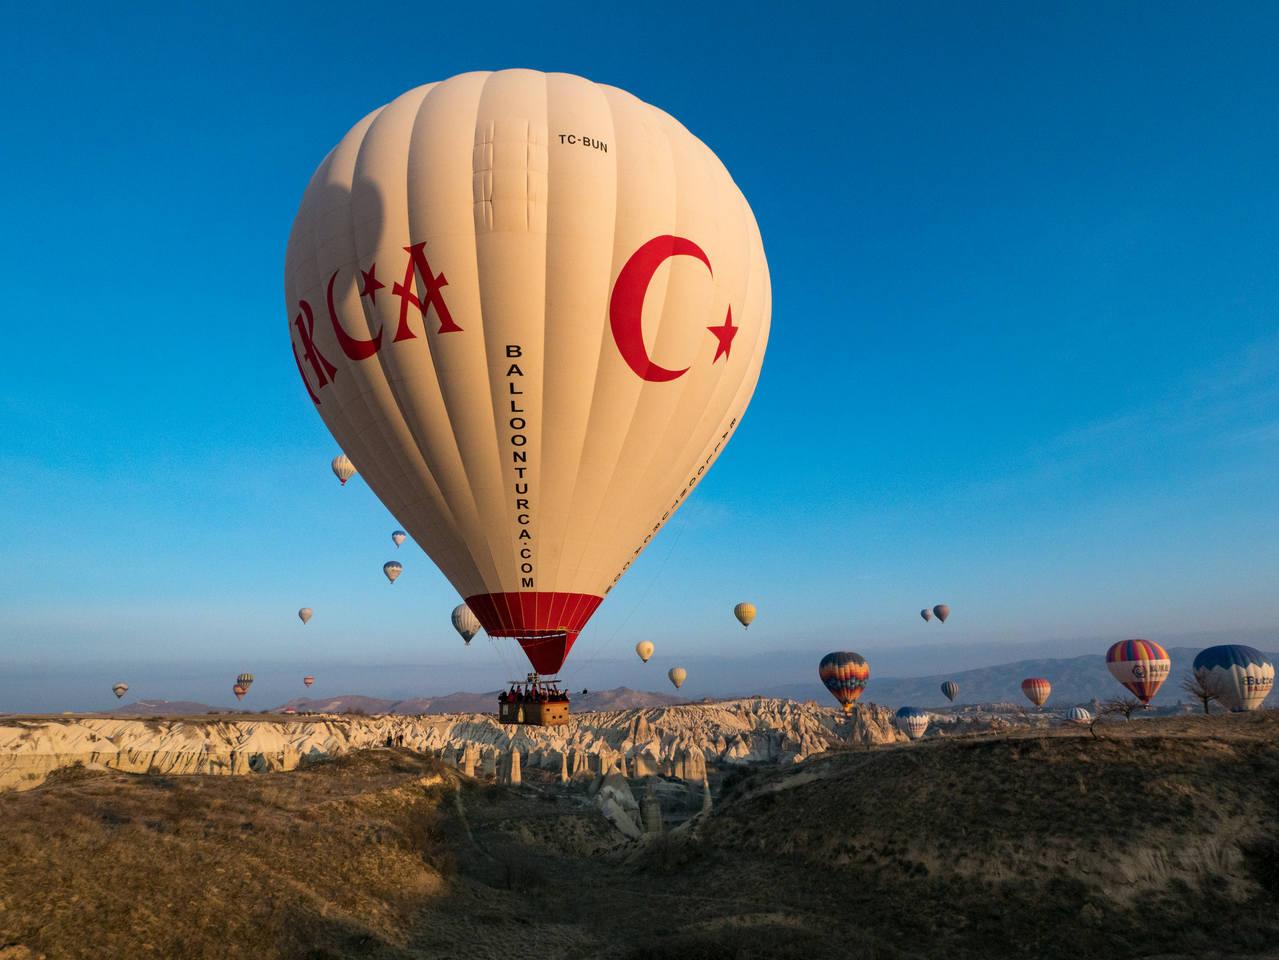 http://images.vfl.ru/ii/1552030108/71233a64/25678726.jpg